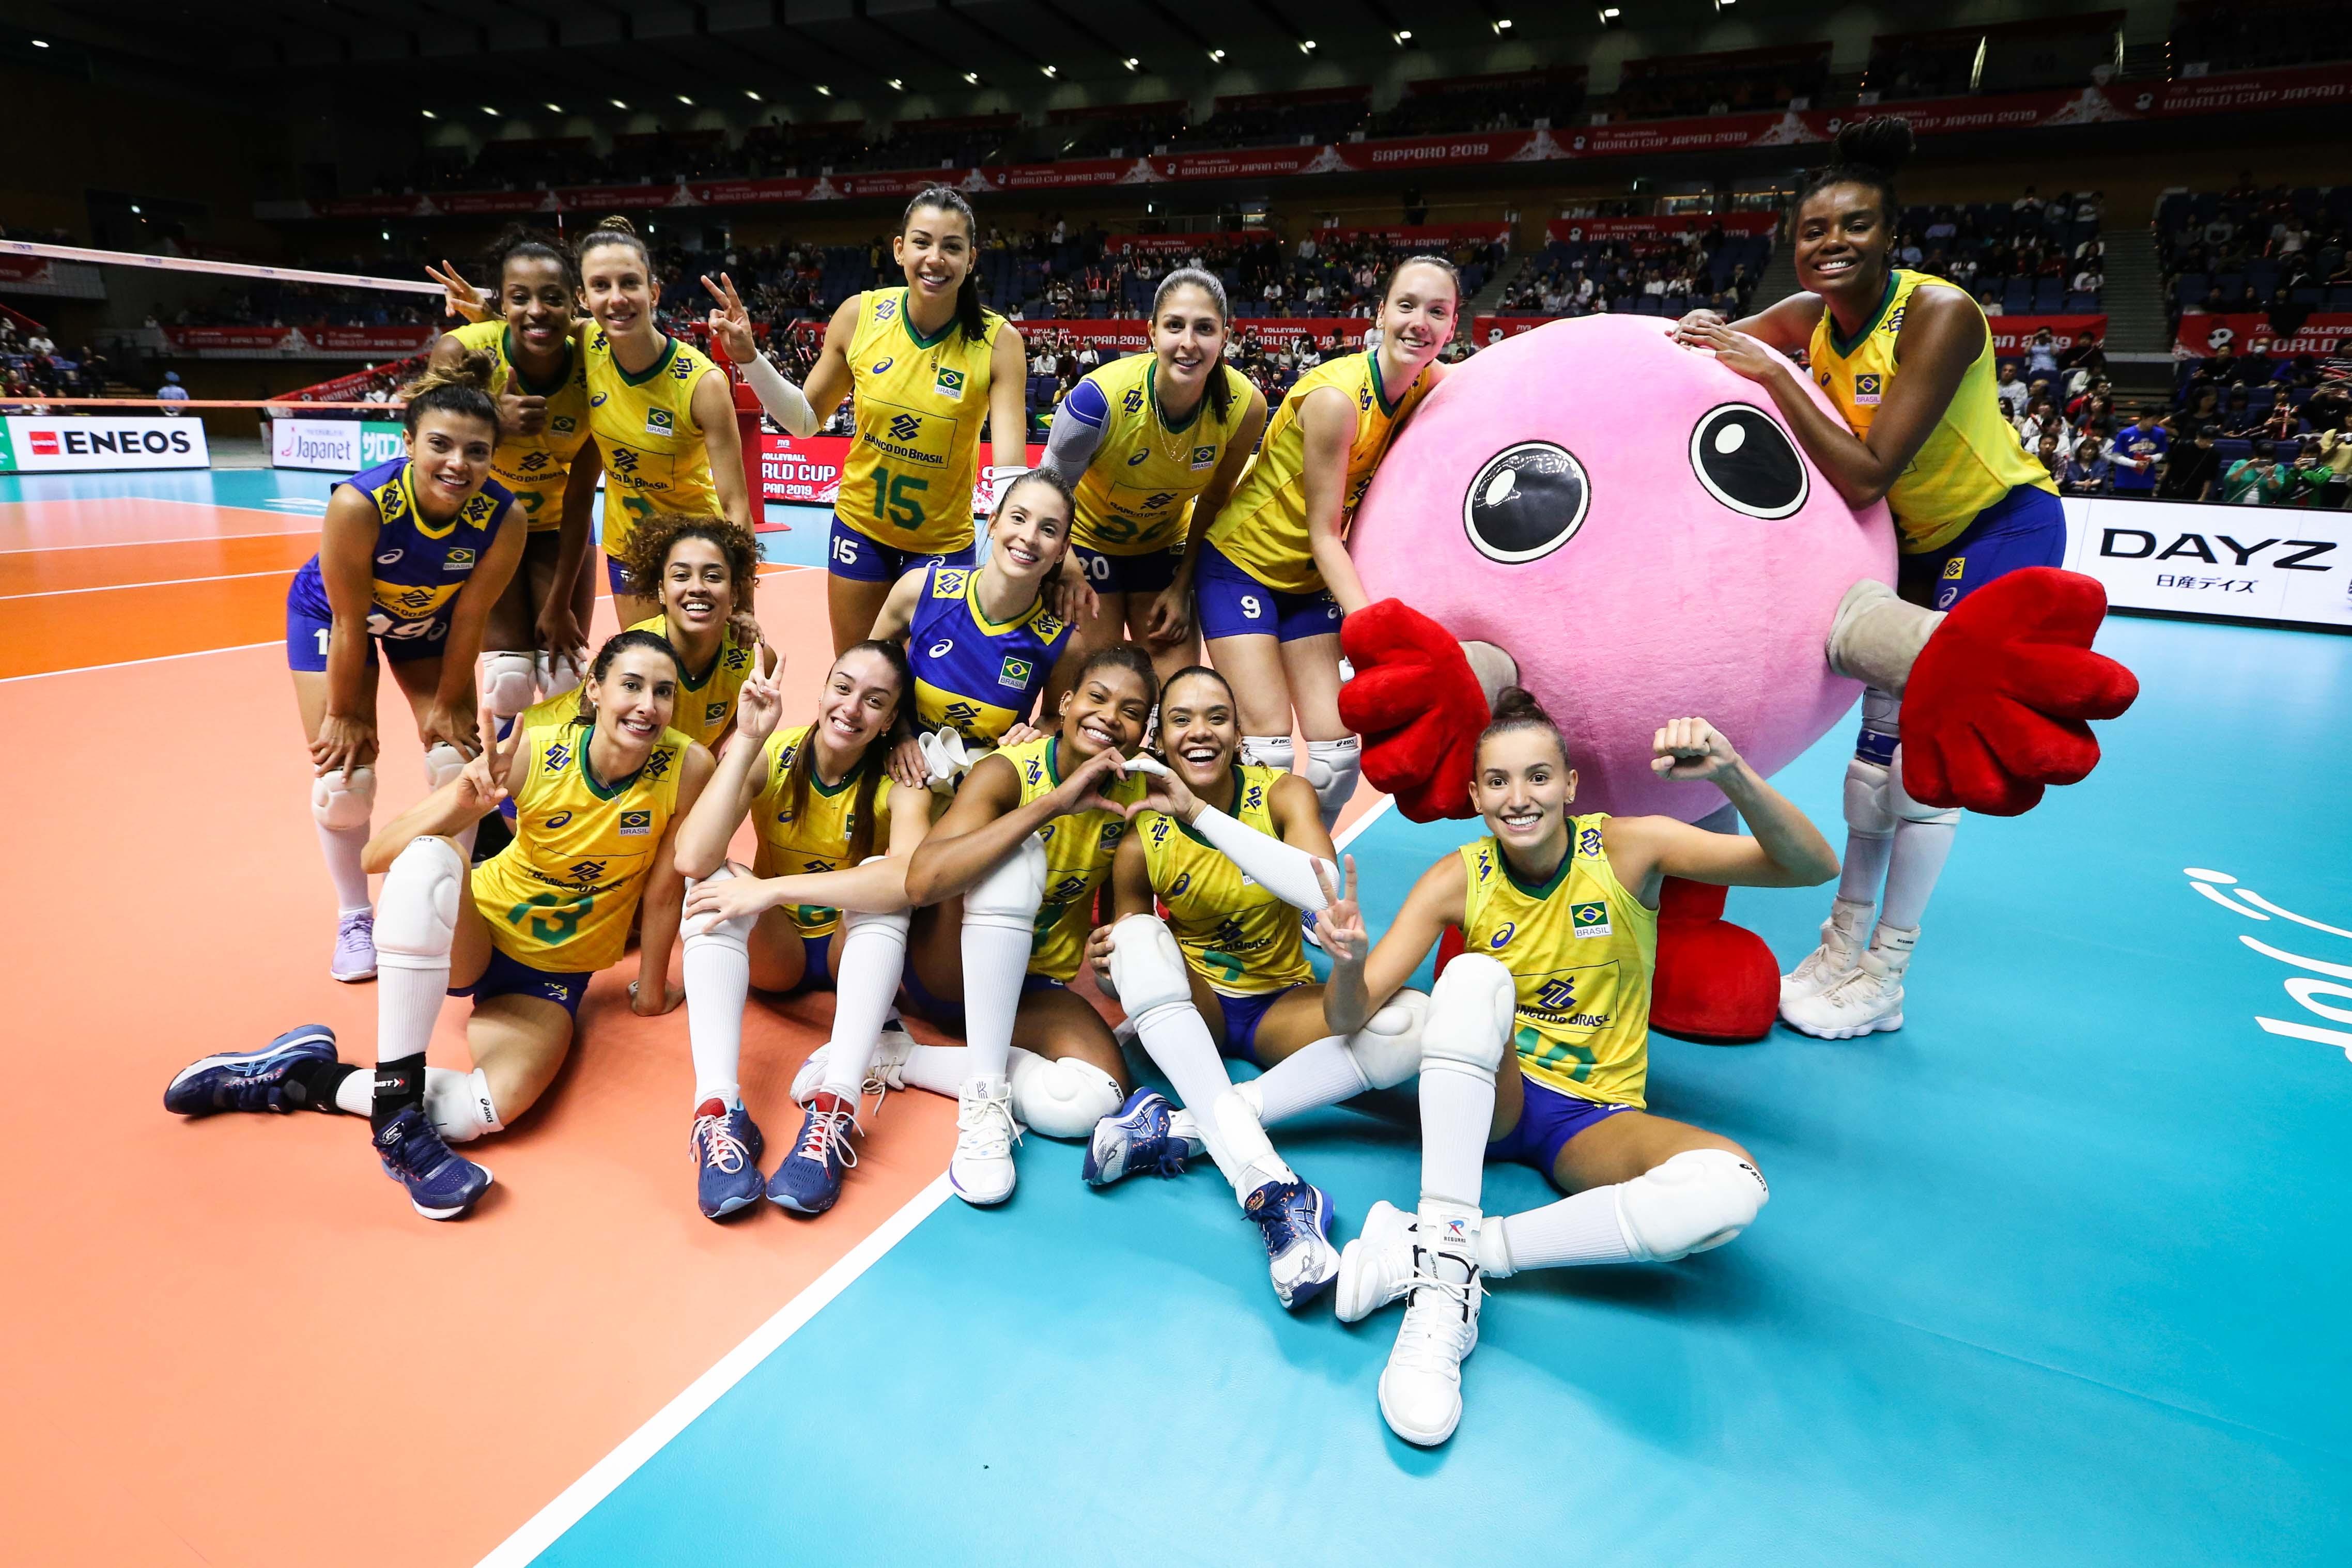 Brasil vence República Dominicana e consegue quarta vitória